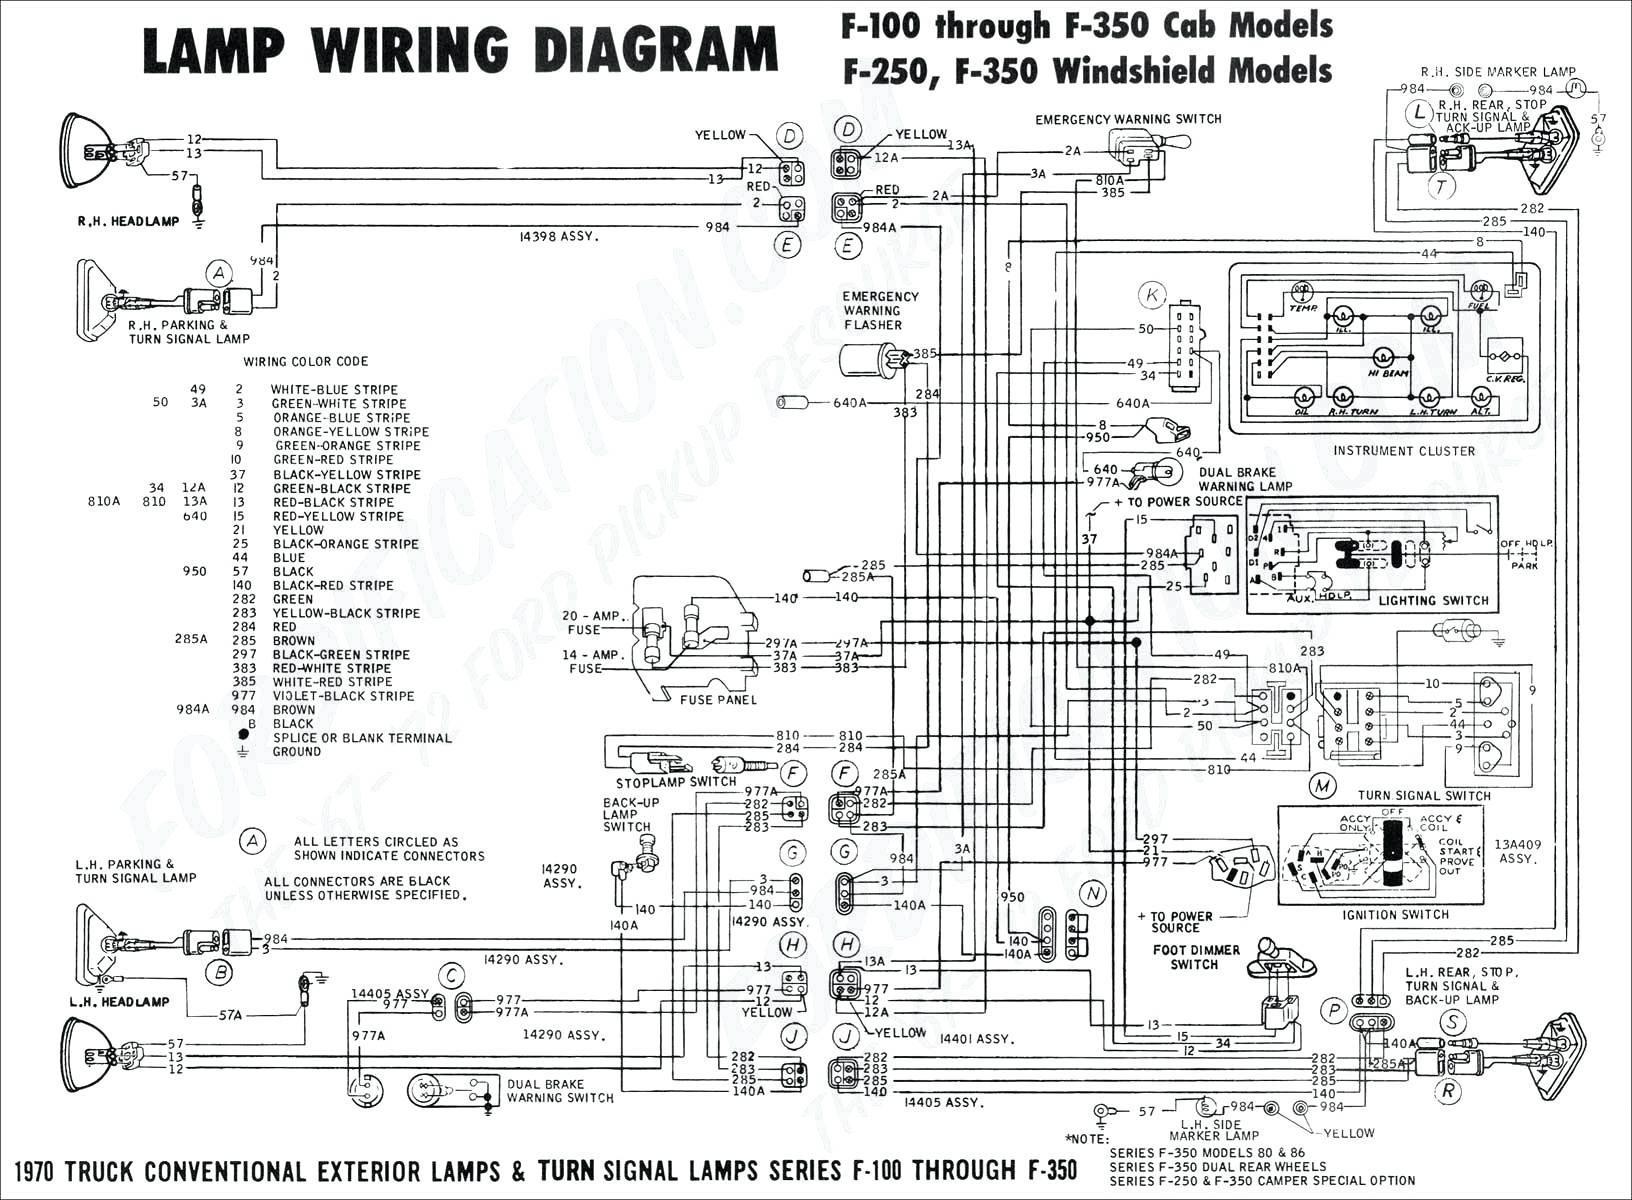 Electrical Engineering Block Diagram Hmsl Wiring Diagram